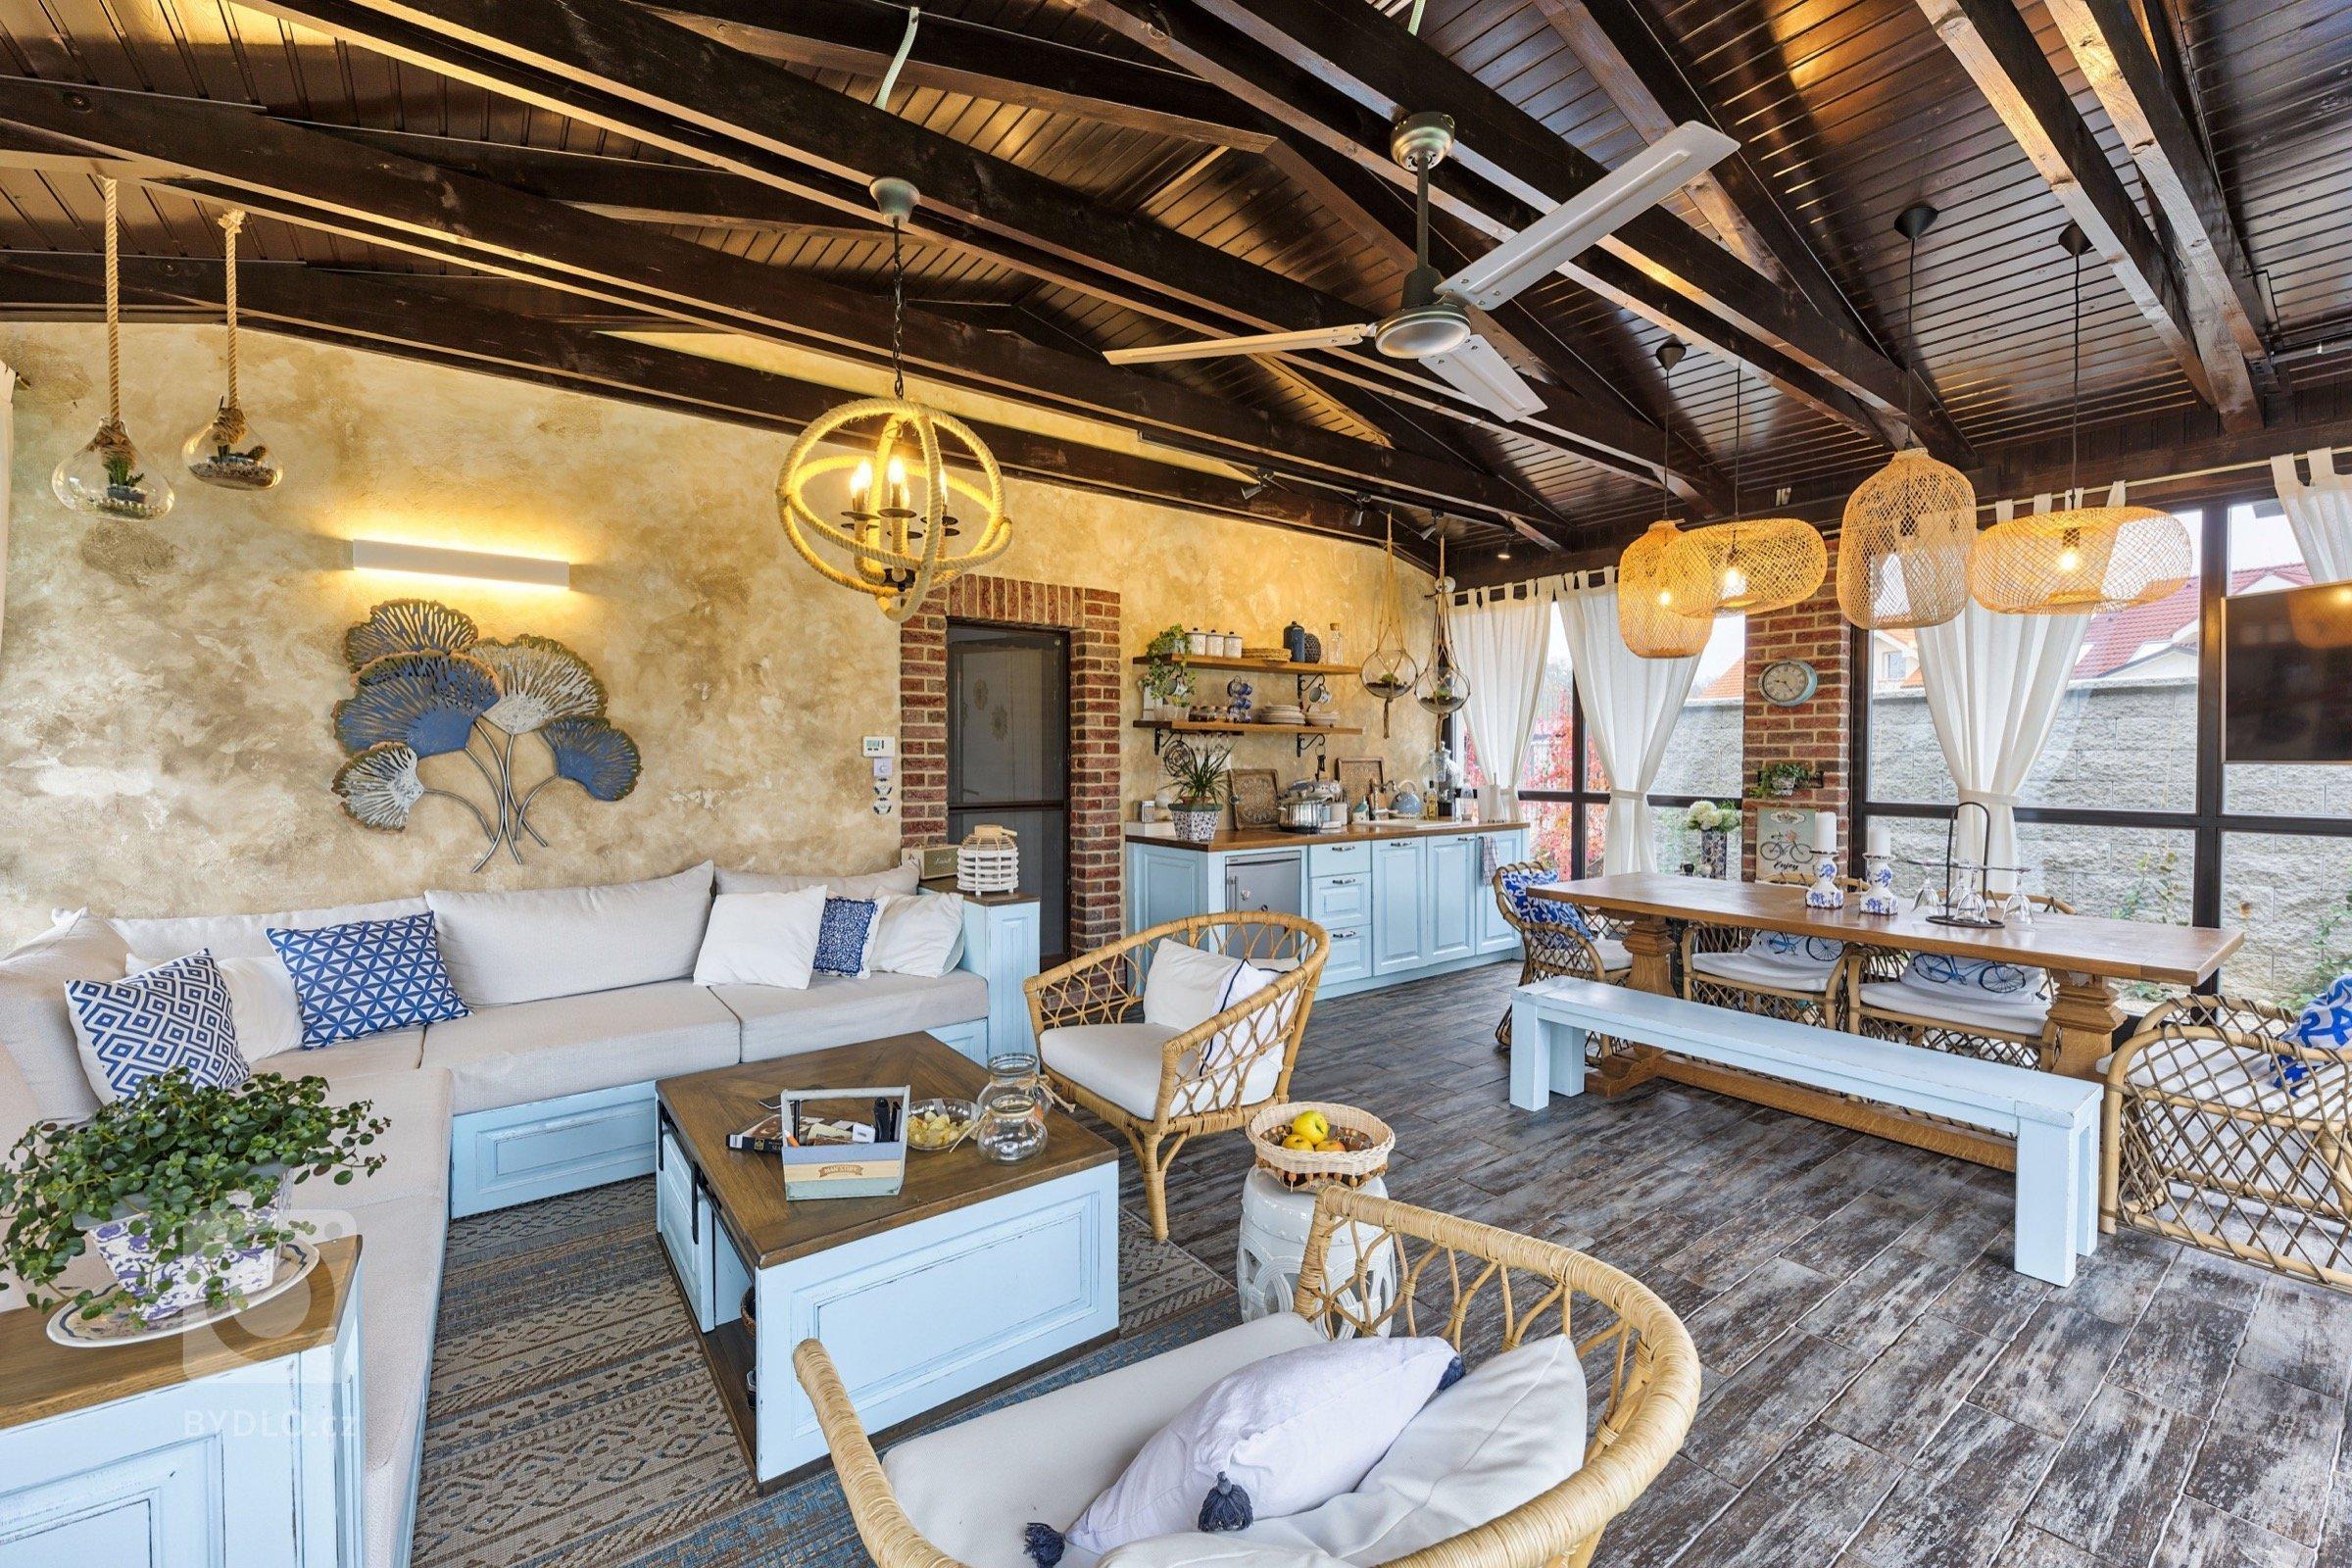 Nový dům ve venkovském stylu s nádechem středomoří